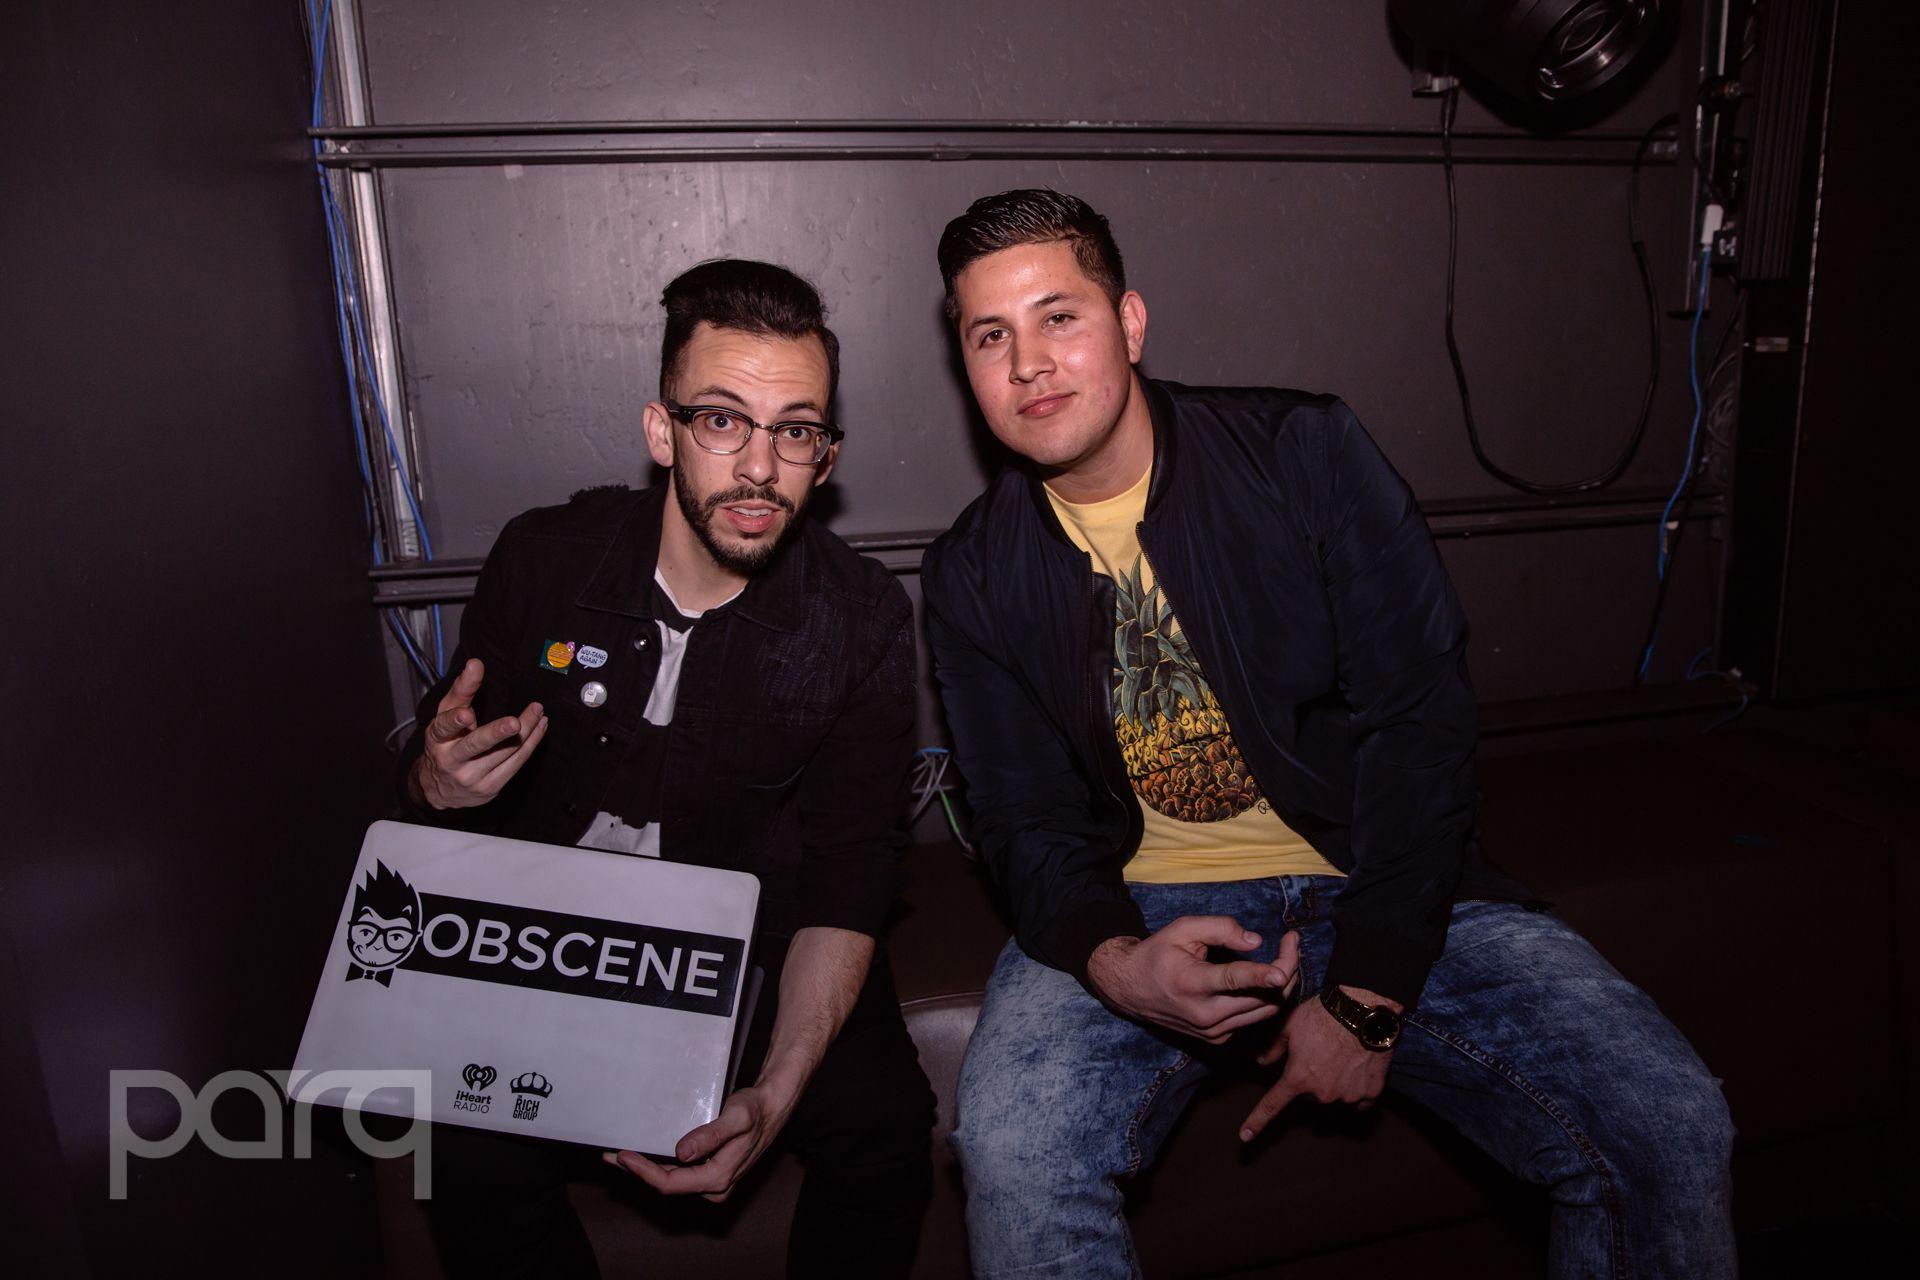 San-Diego-Nightclub-DJ Obscene-3.jpg